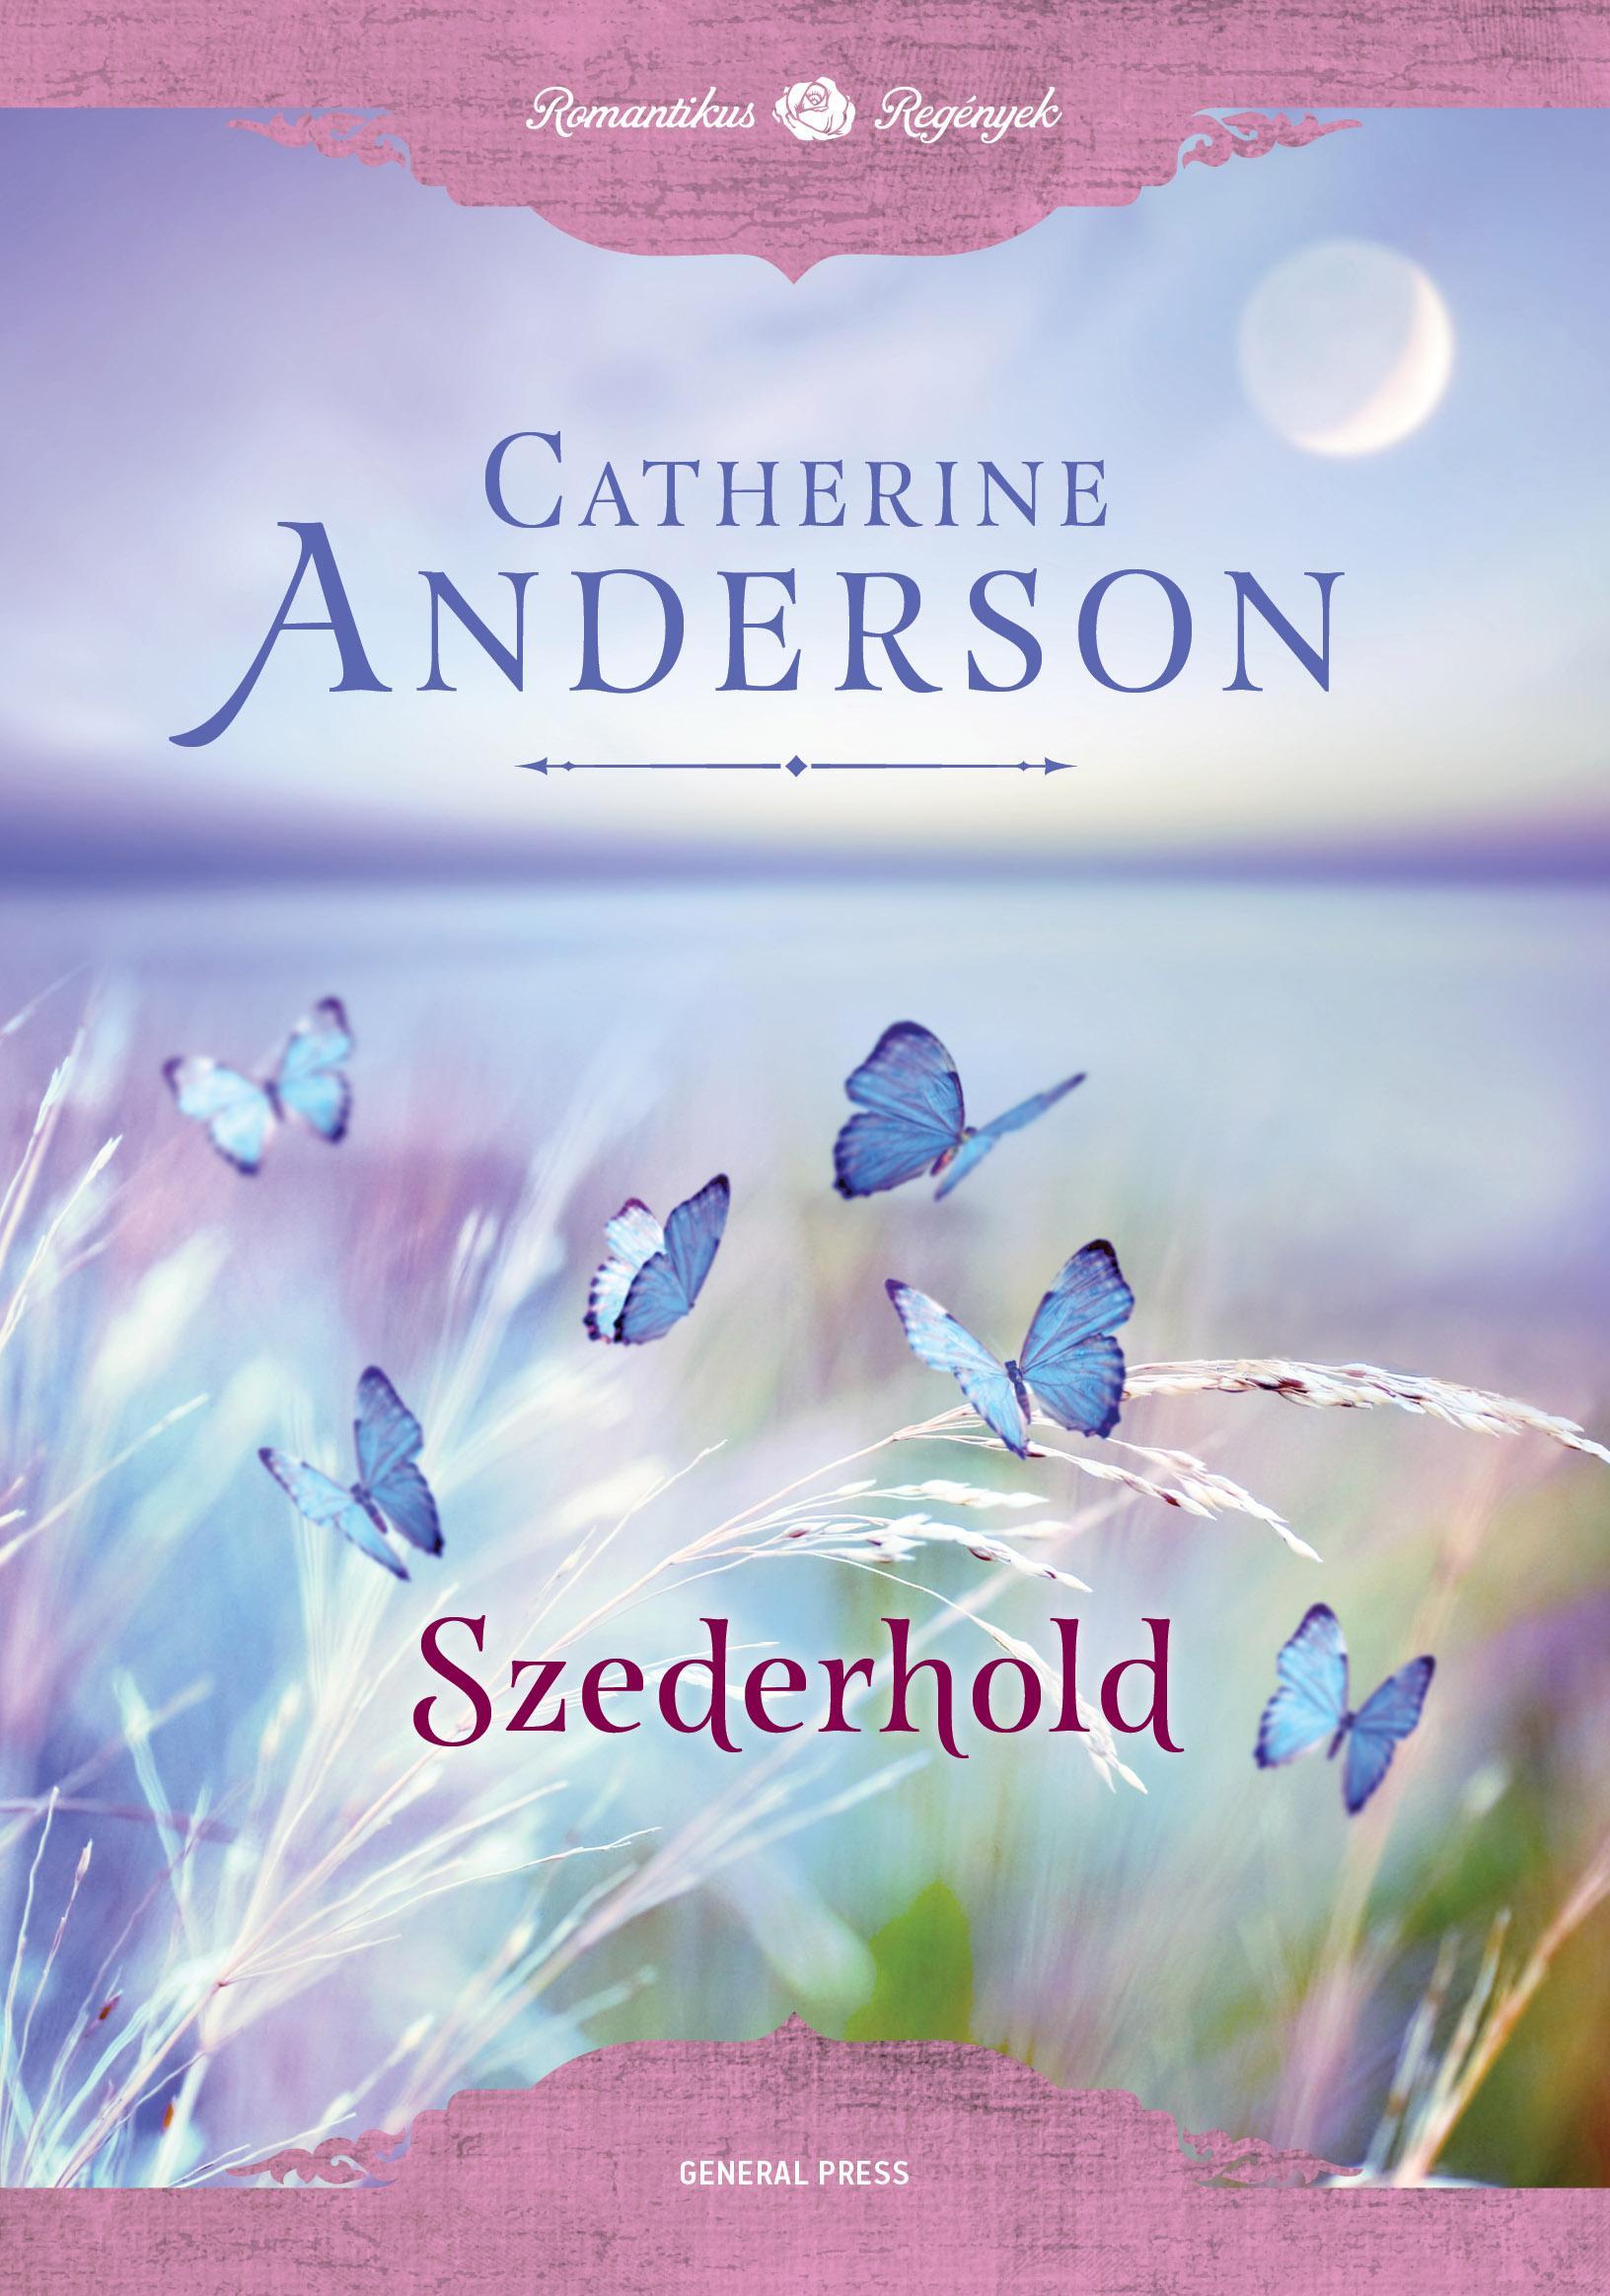 Catherine Anderson - Szederhold